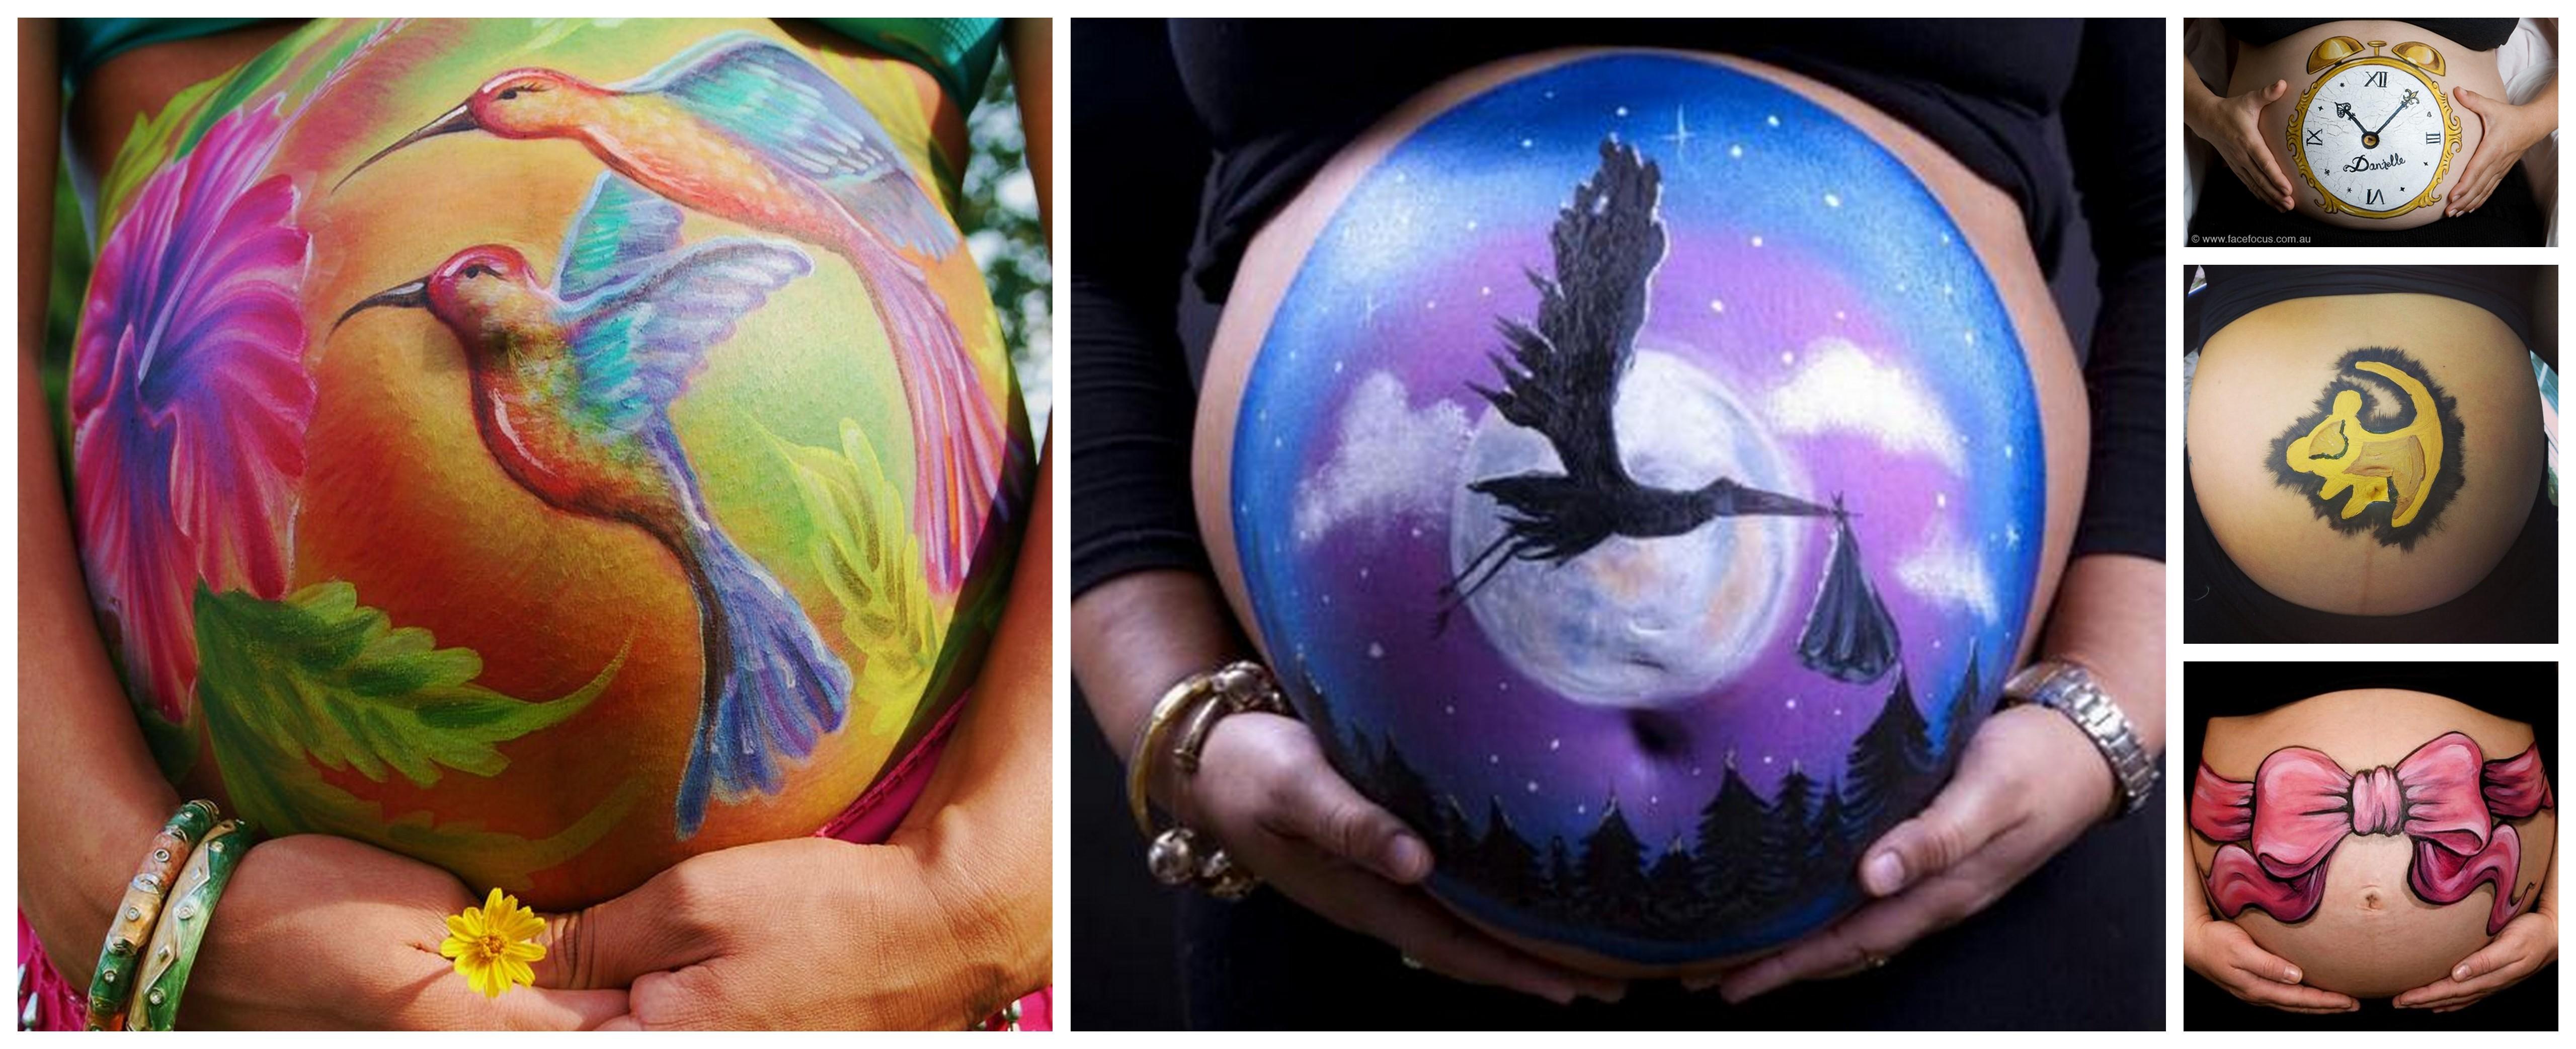 Super Belly Painting : Devez une oeuvre d'art | Berceau Magique KE86